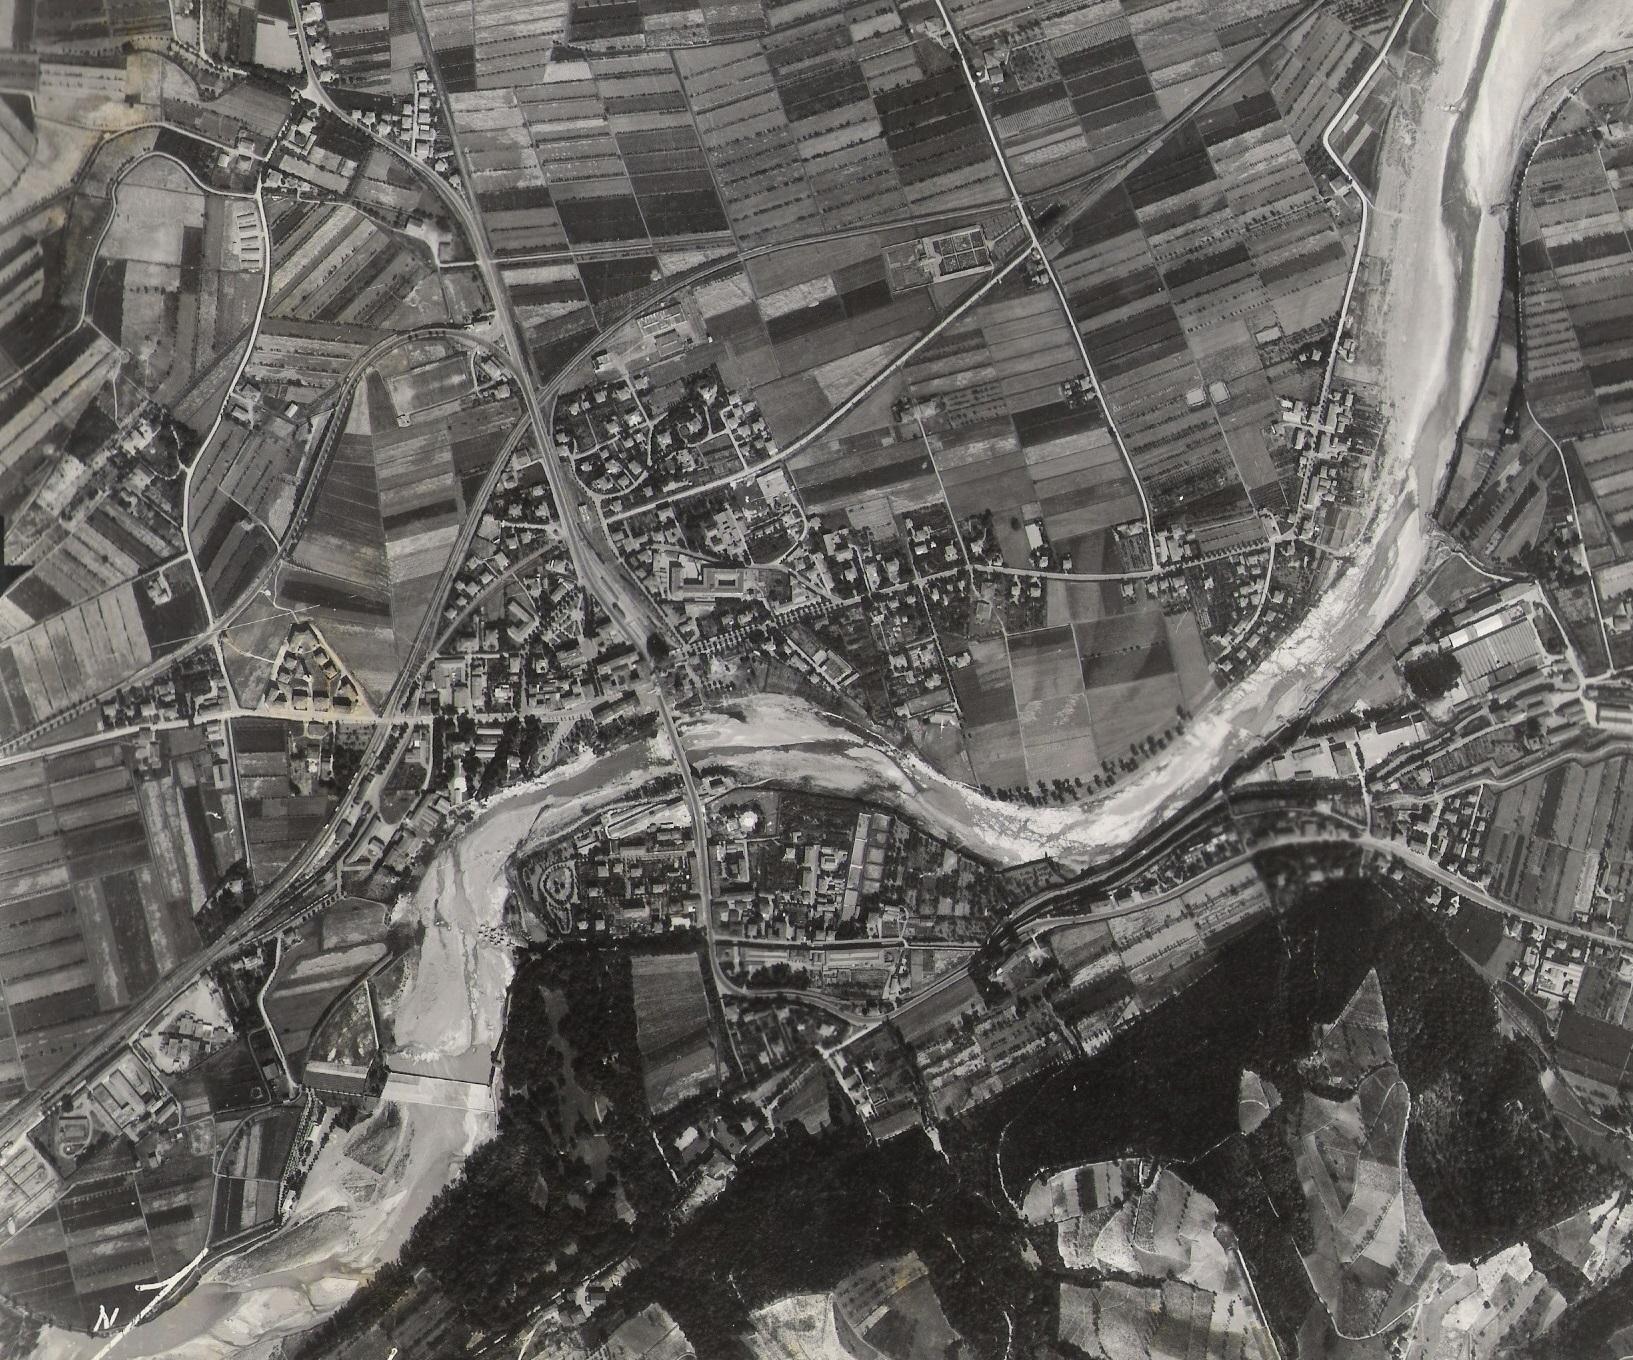 Aereofotogrammetria degli anni '40 del Novecento con il Cimitero nei pressi delle vie Piave e Isonzo (Archivio fotografico Biblioteca C.Pavese)